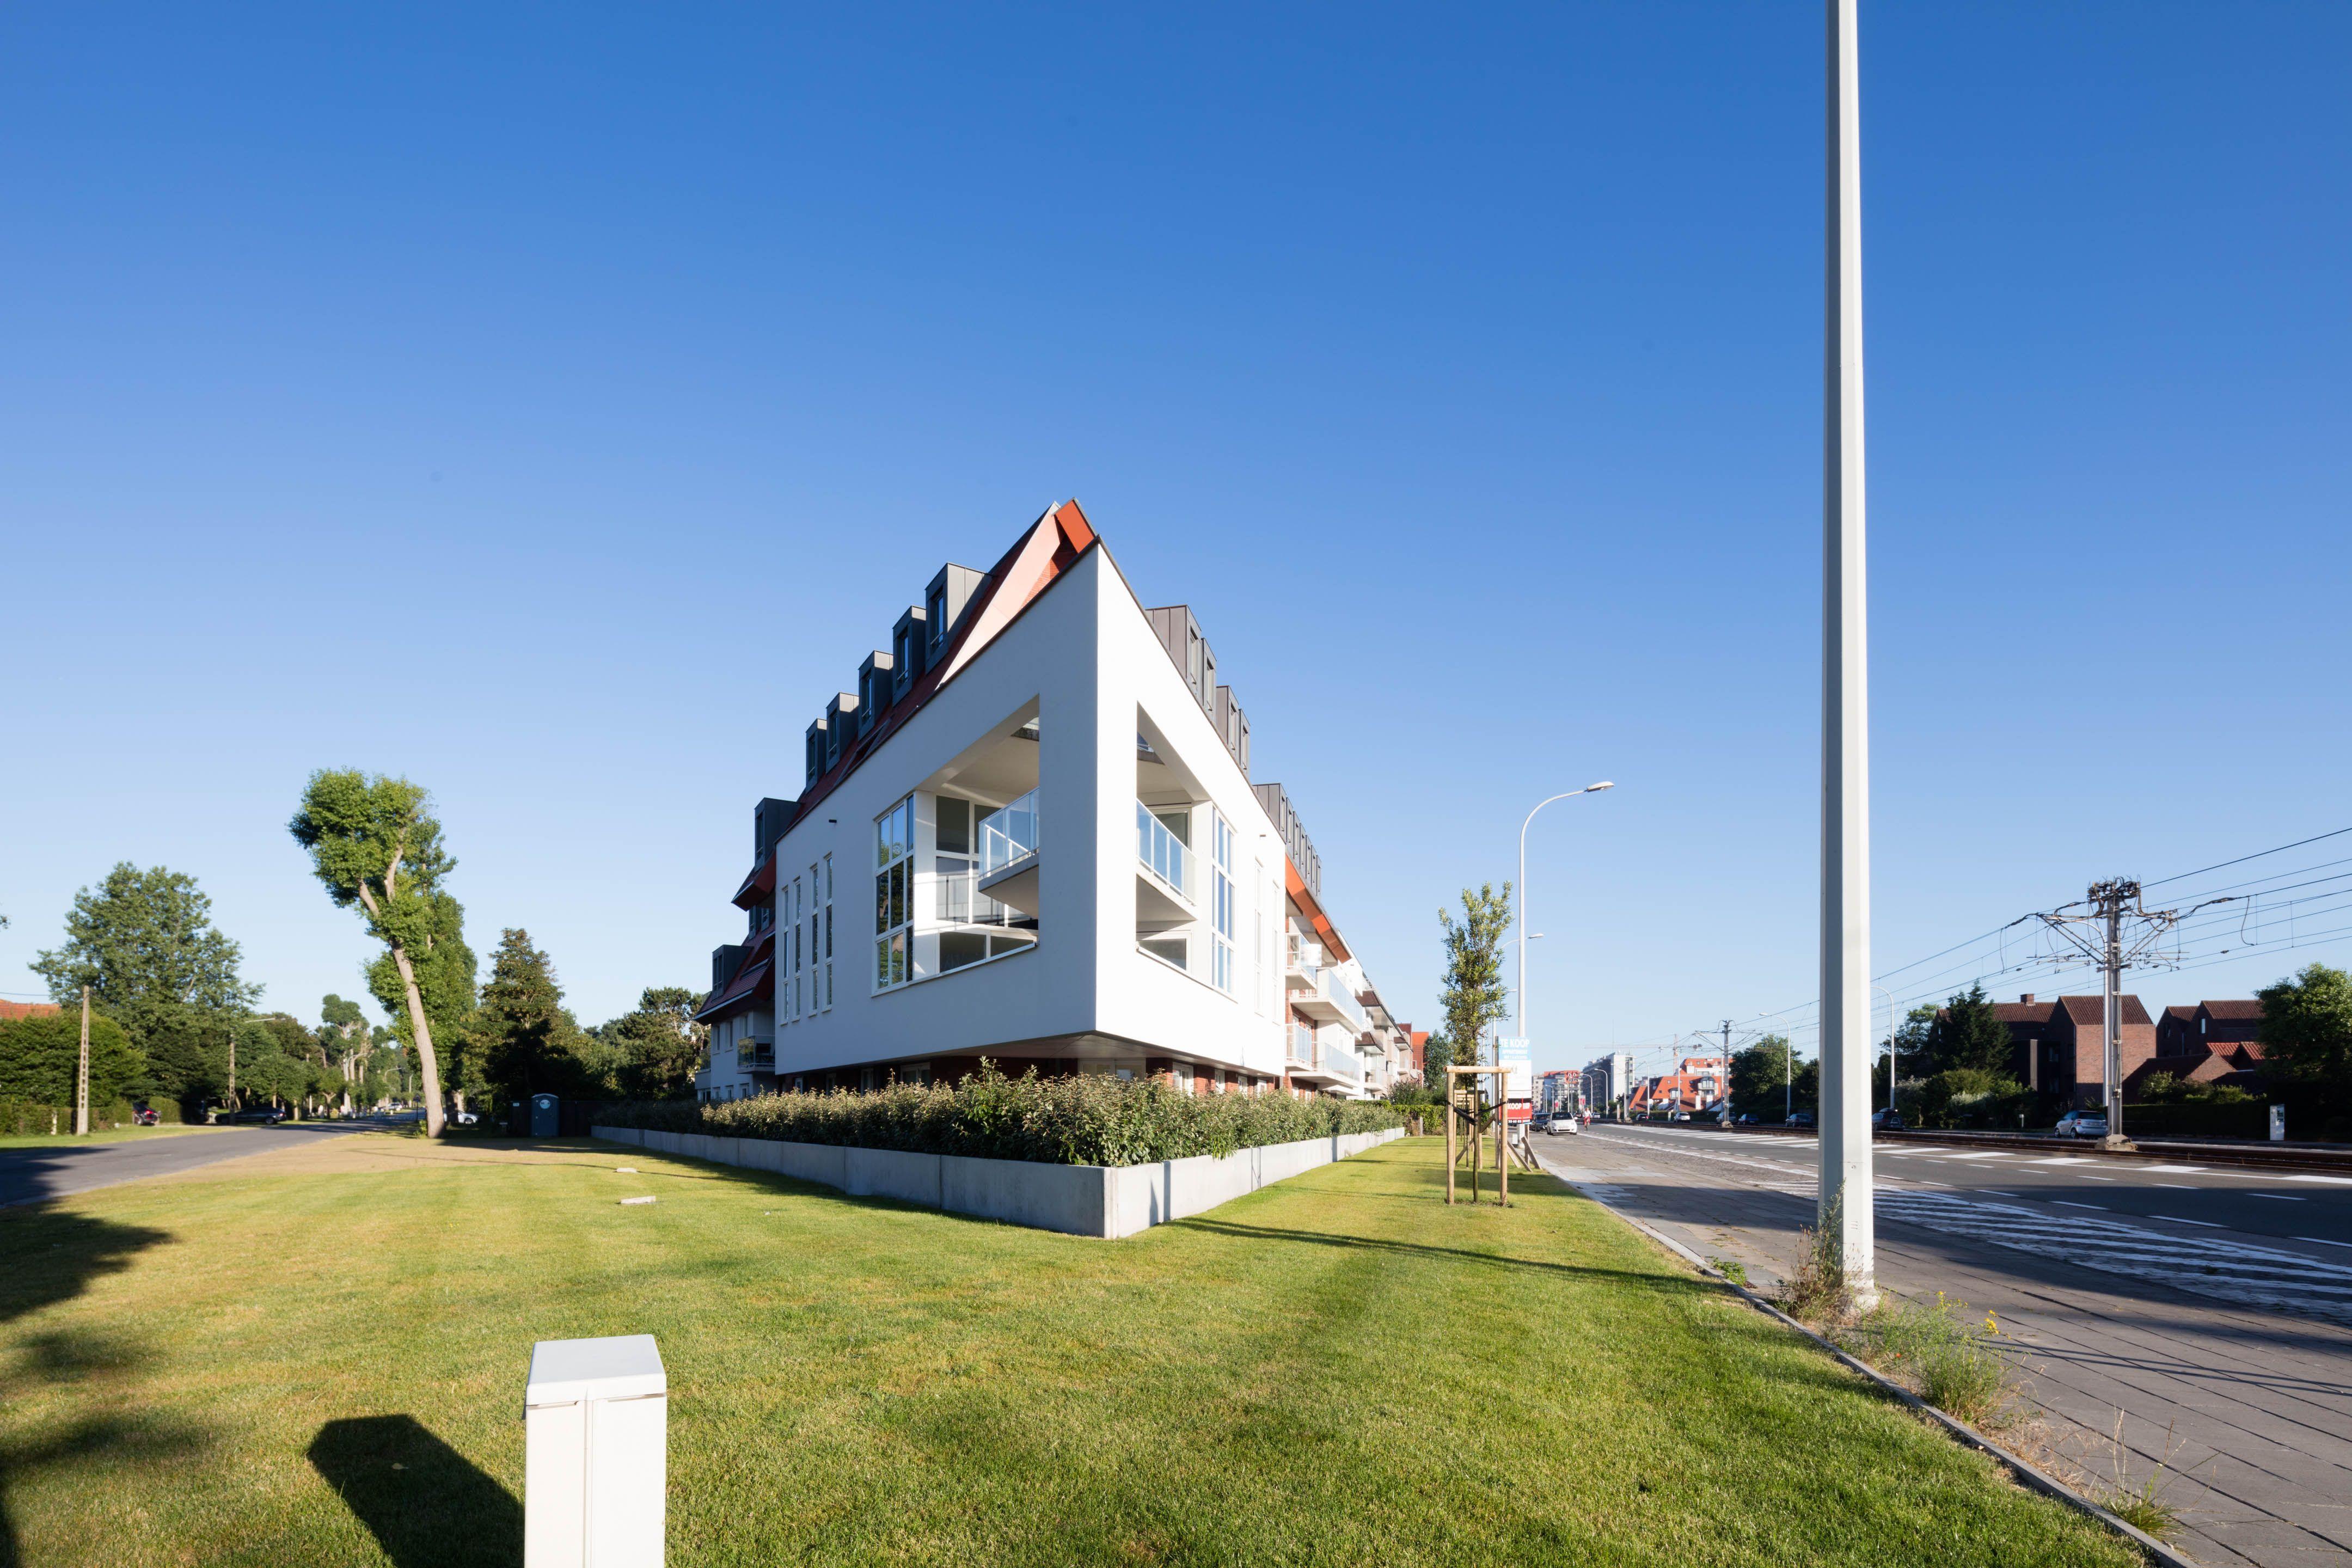 Appartement Residentie Villa Crombez Nieuwpoort - 9275